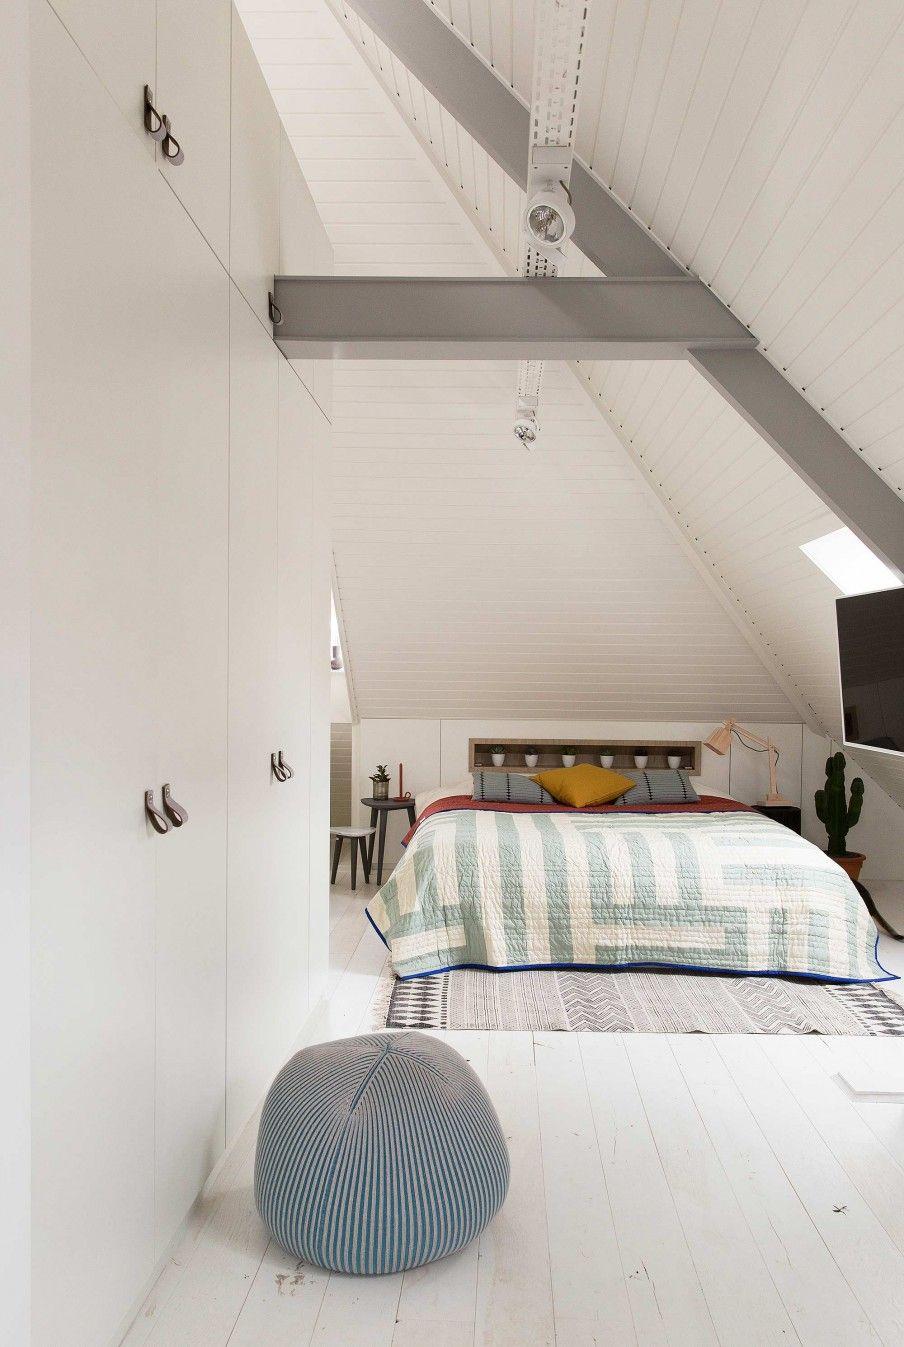 slaapkamer op zolder | loft bedroom | vtwonen 10-2016 | photography ...